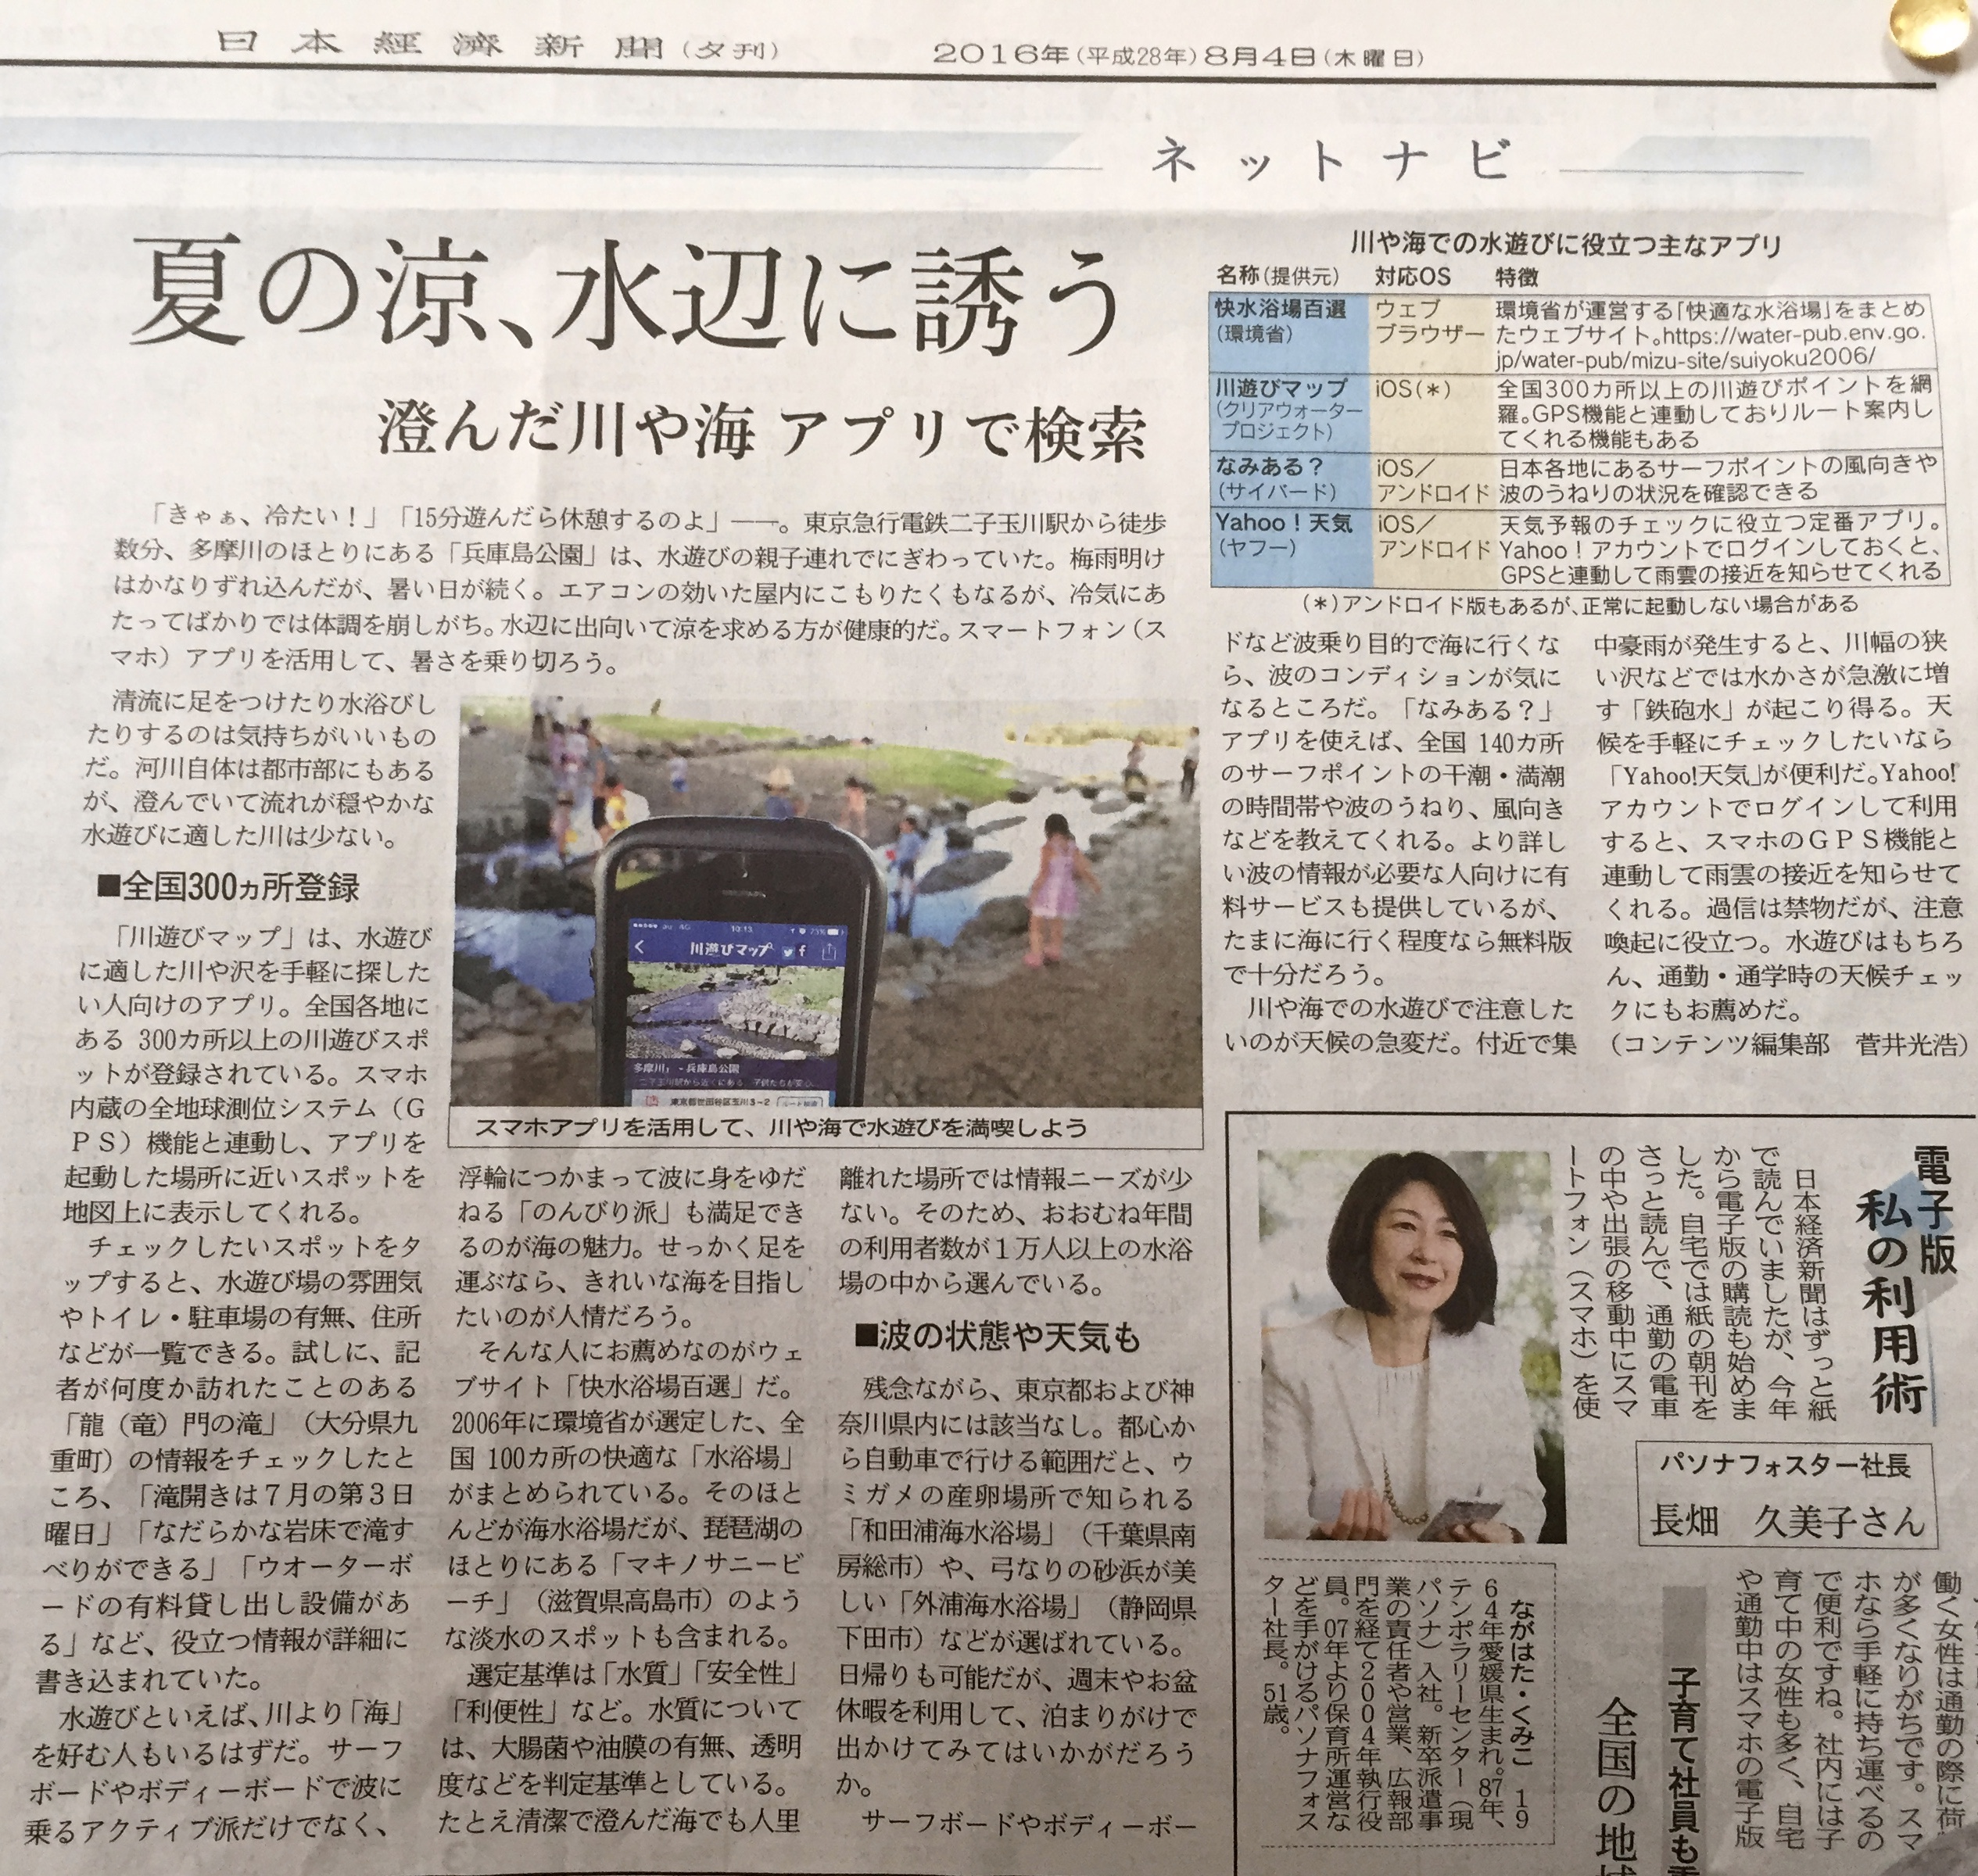 川遊びマップアプリ 日経夕刊に!